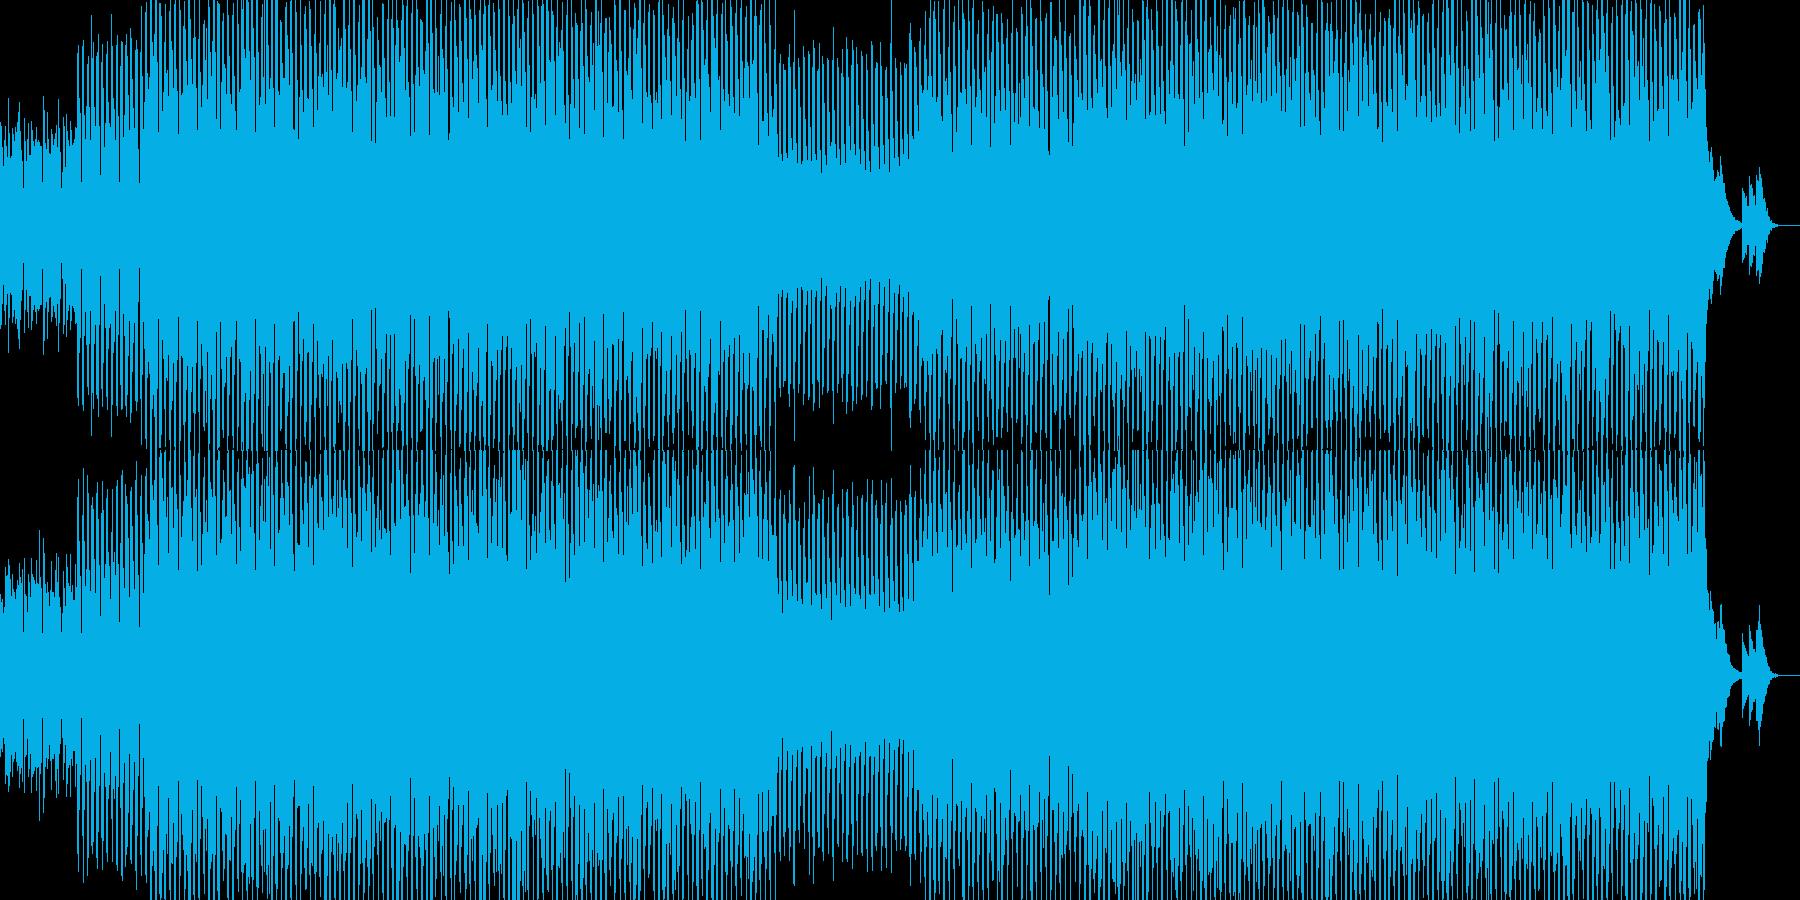 EDM明るいクラブ系キラキラシンセ-03の再生済みの波形